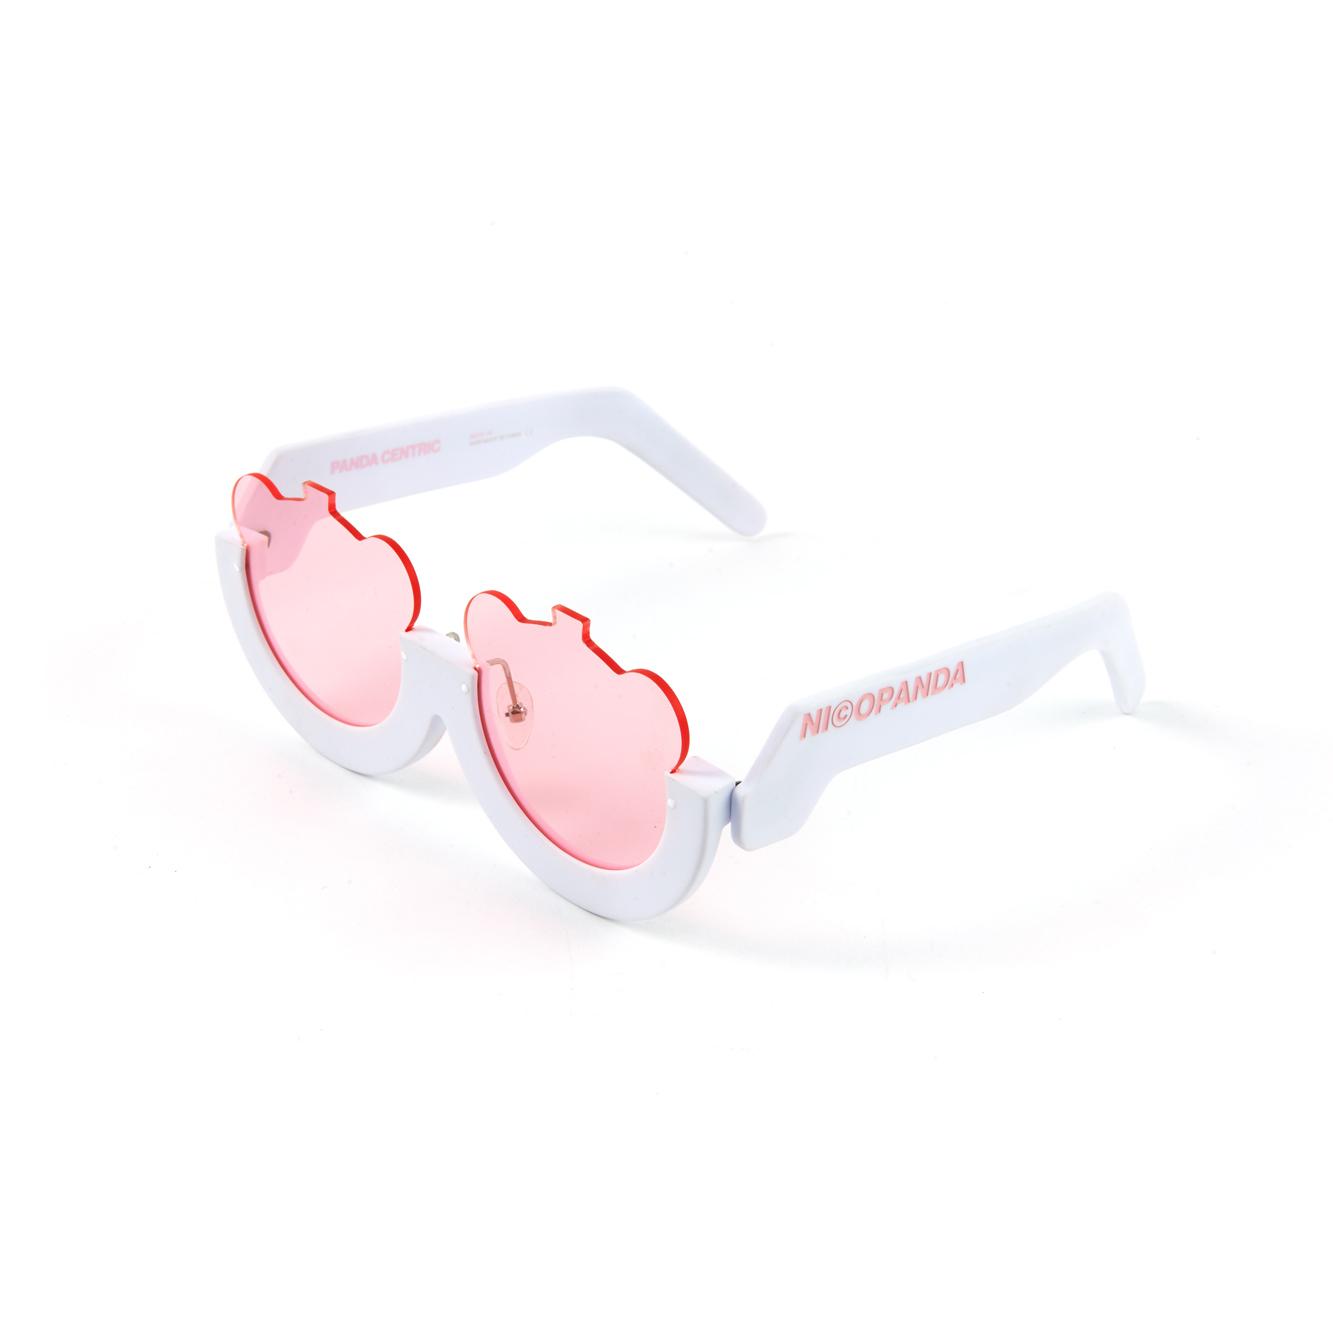 FW16 Accessories (Panda Centric Sunglasses shown)